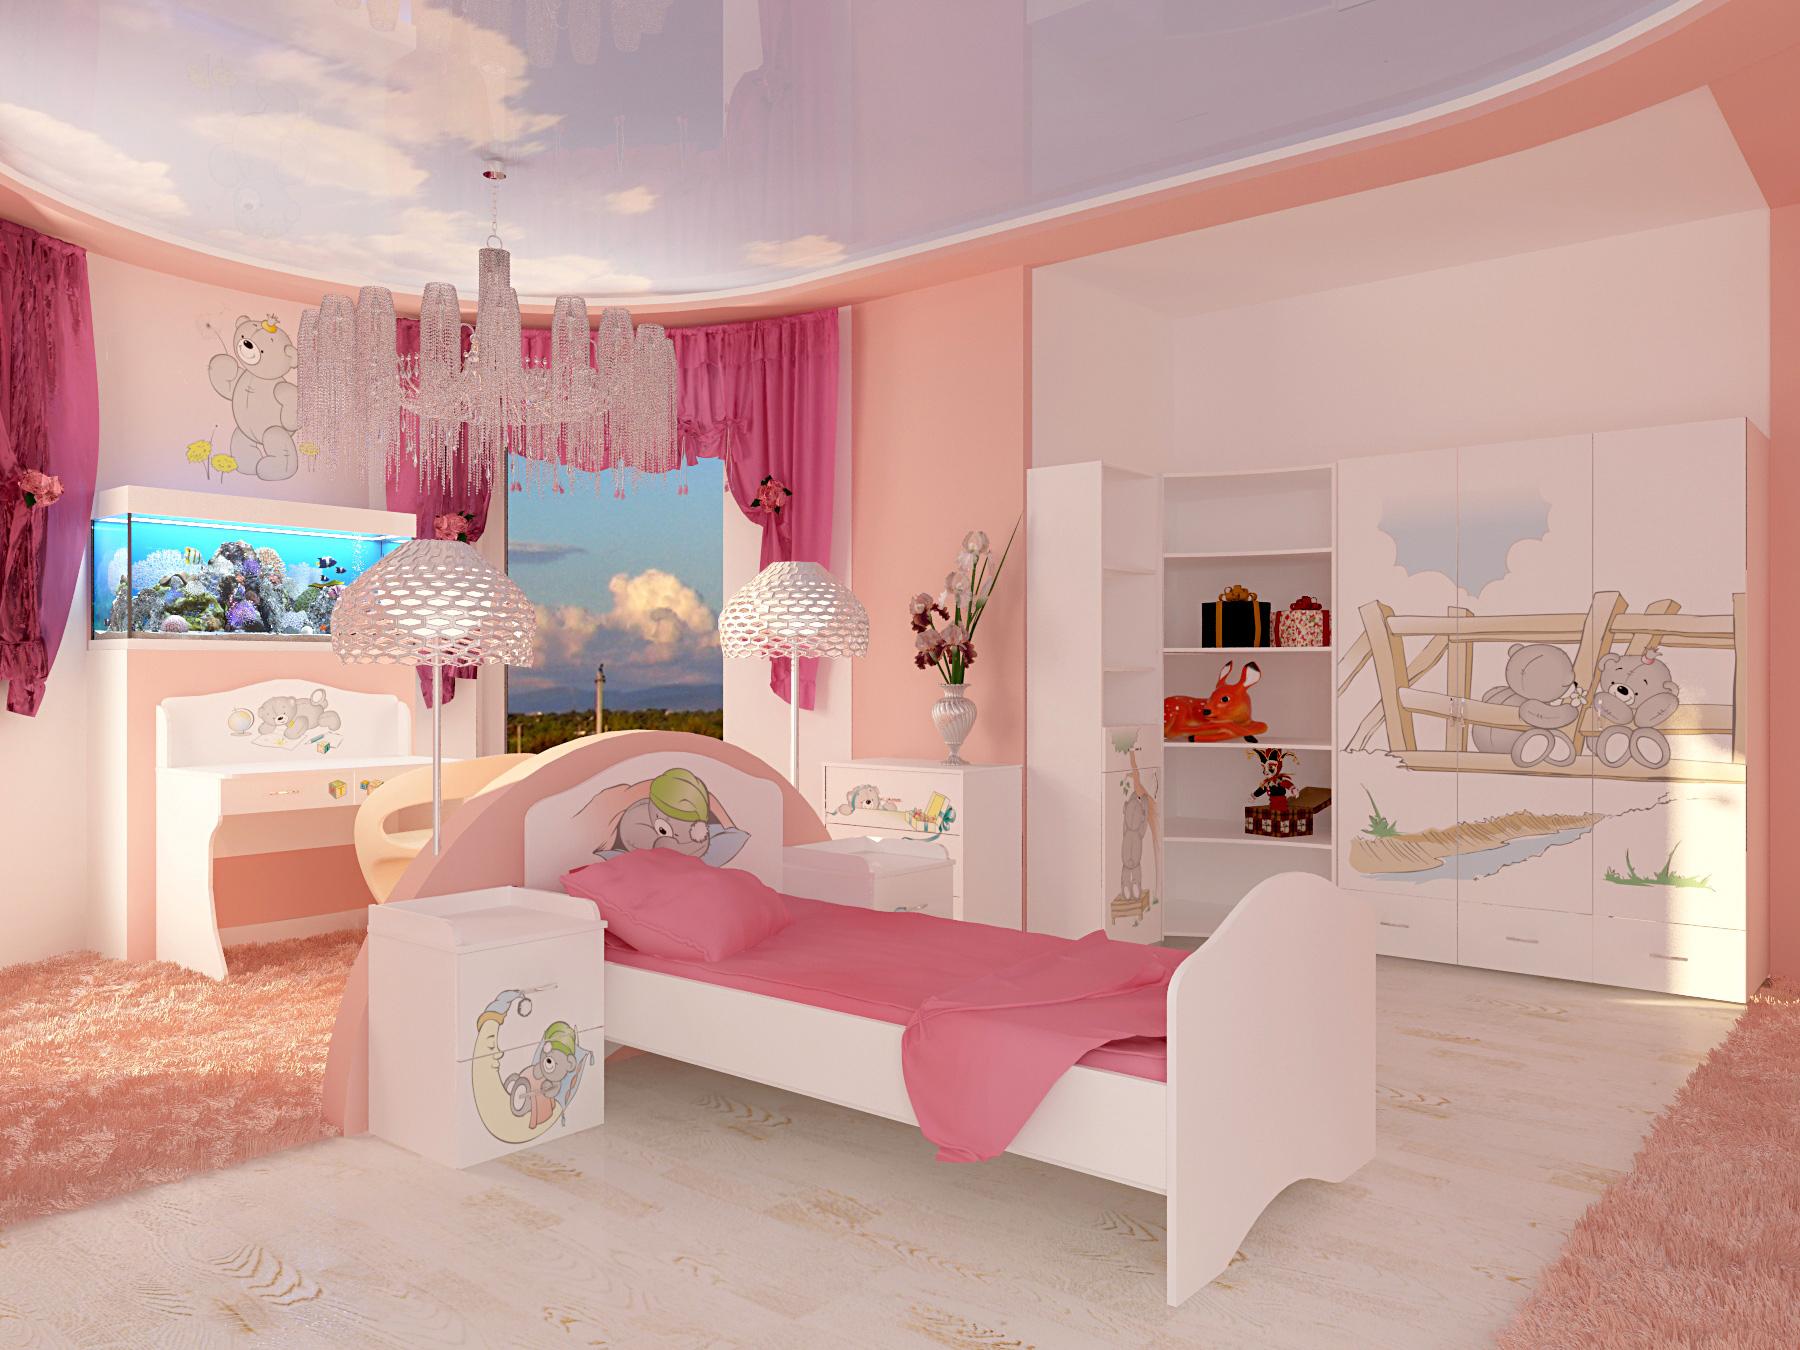 Дизайн детской комнаты своими руками начинаем с теории